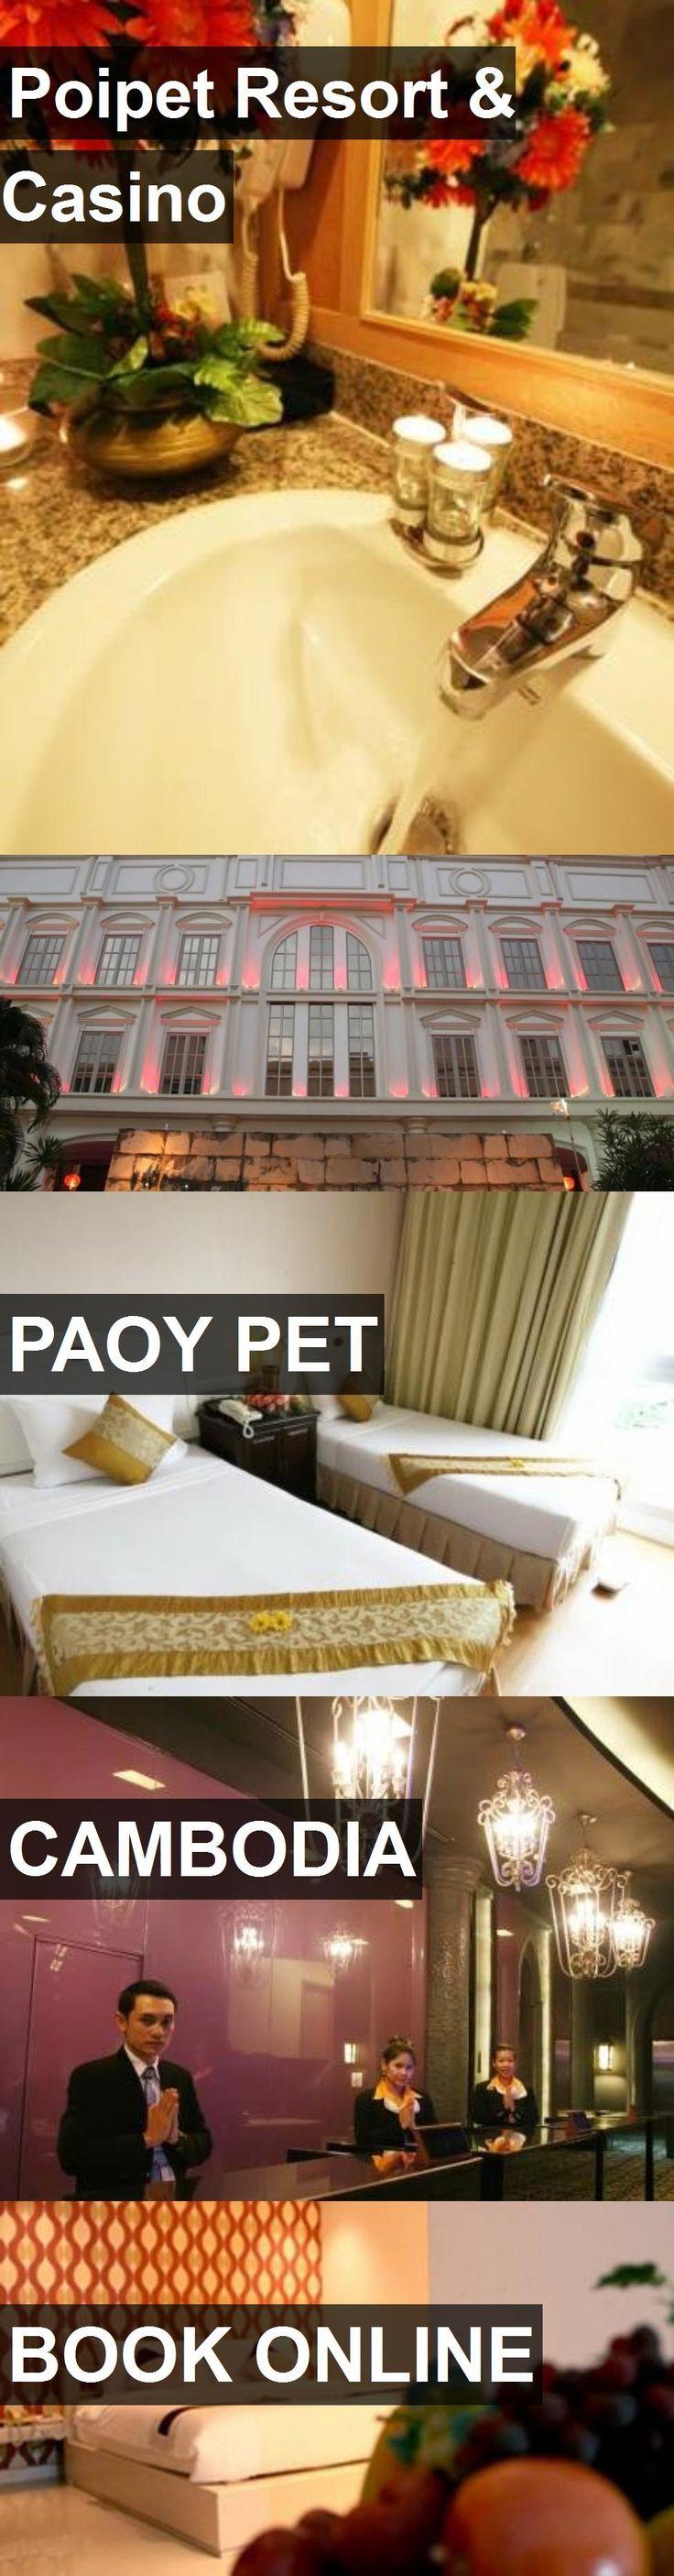 Hotel Poipet Resort